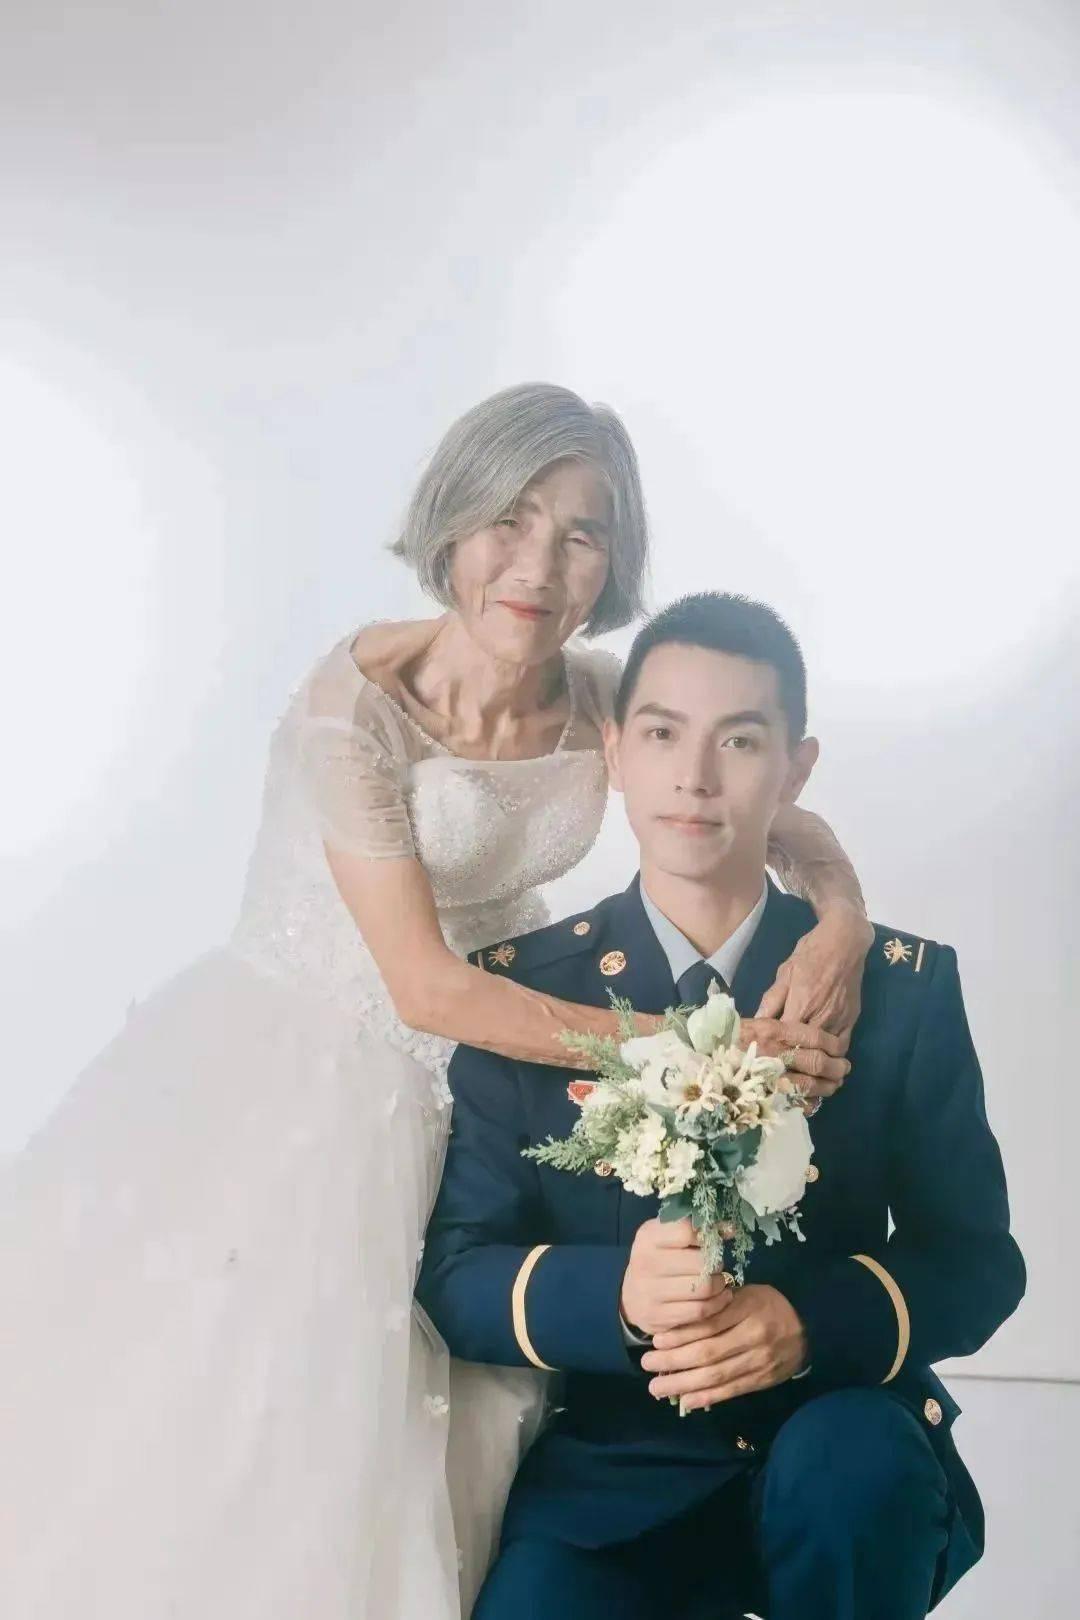 24岁小伙子和85岁奶奶婚纱照刷屏,背后的故事曝光后,网友:太感人了!